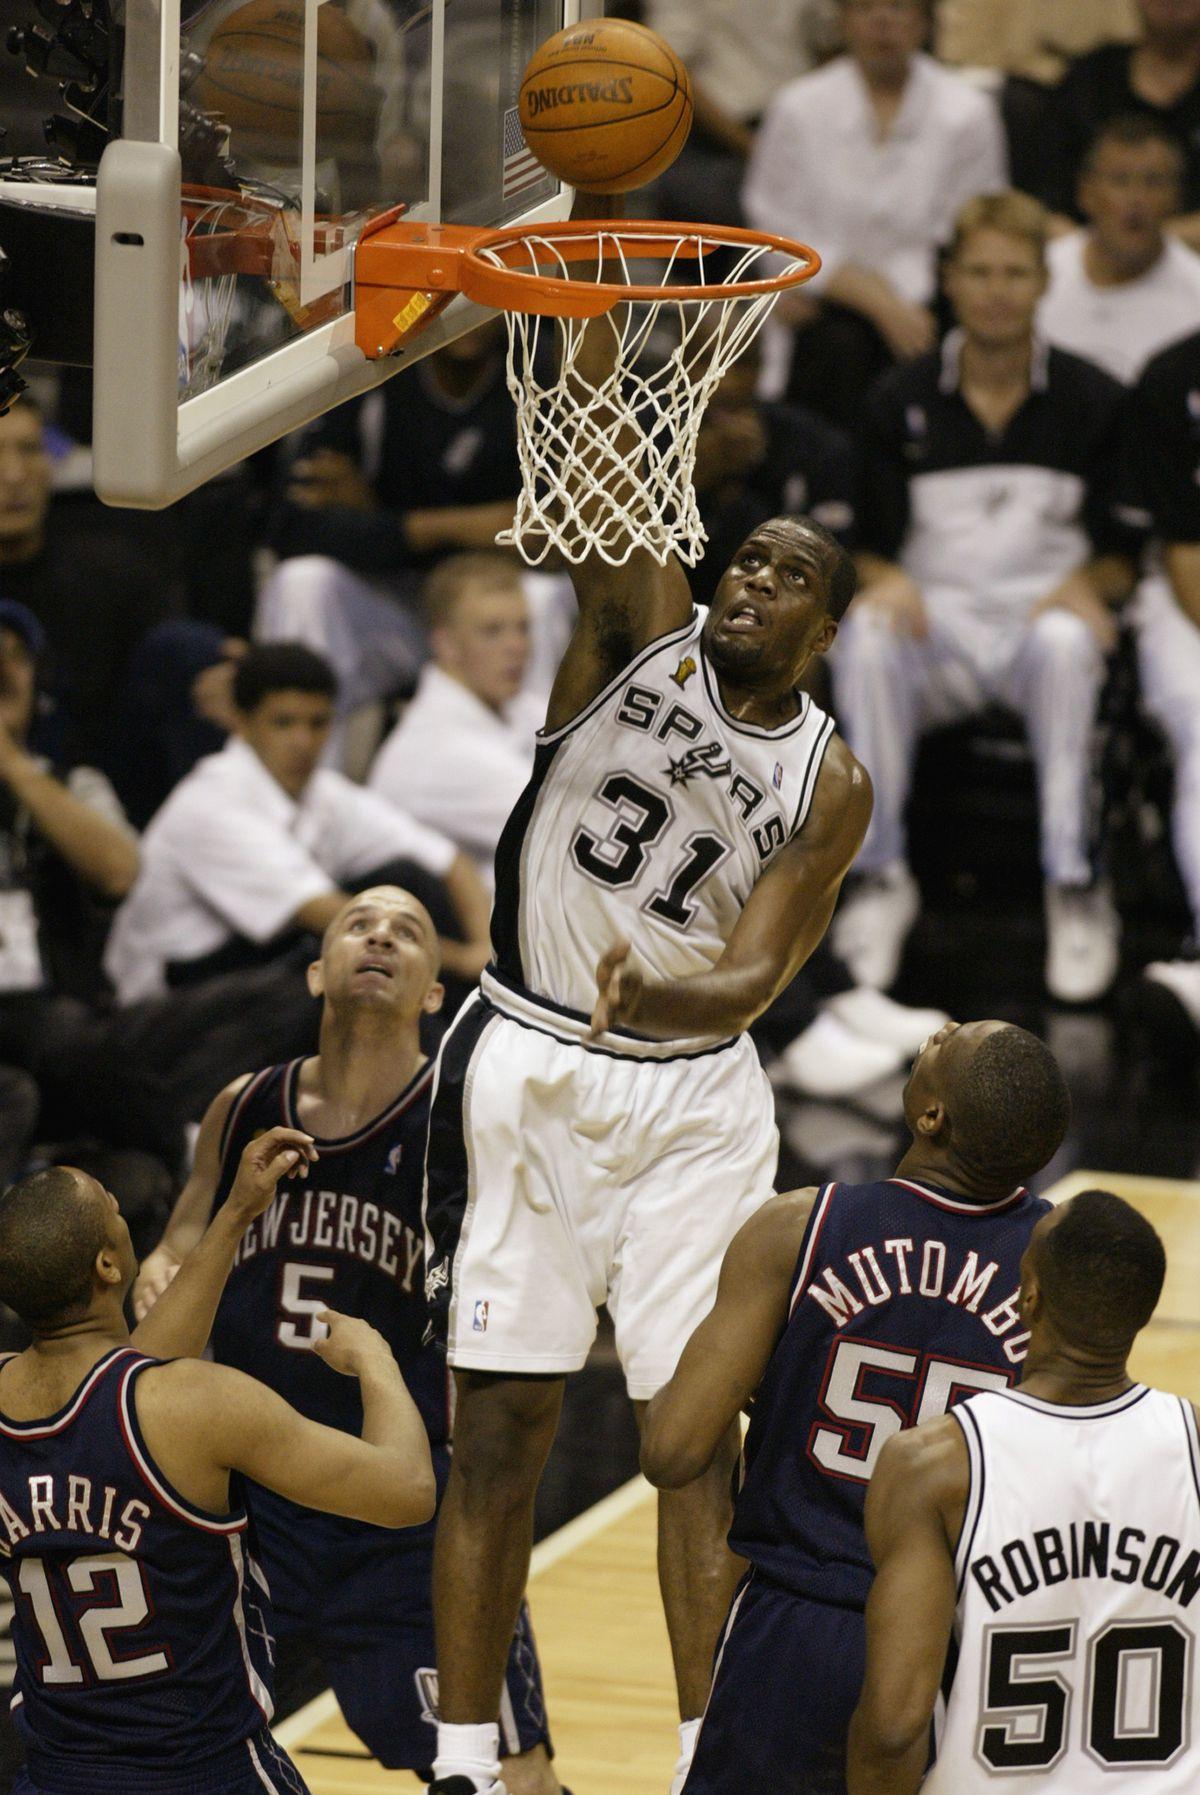 Malik Rose dunks